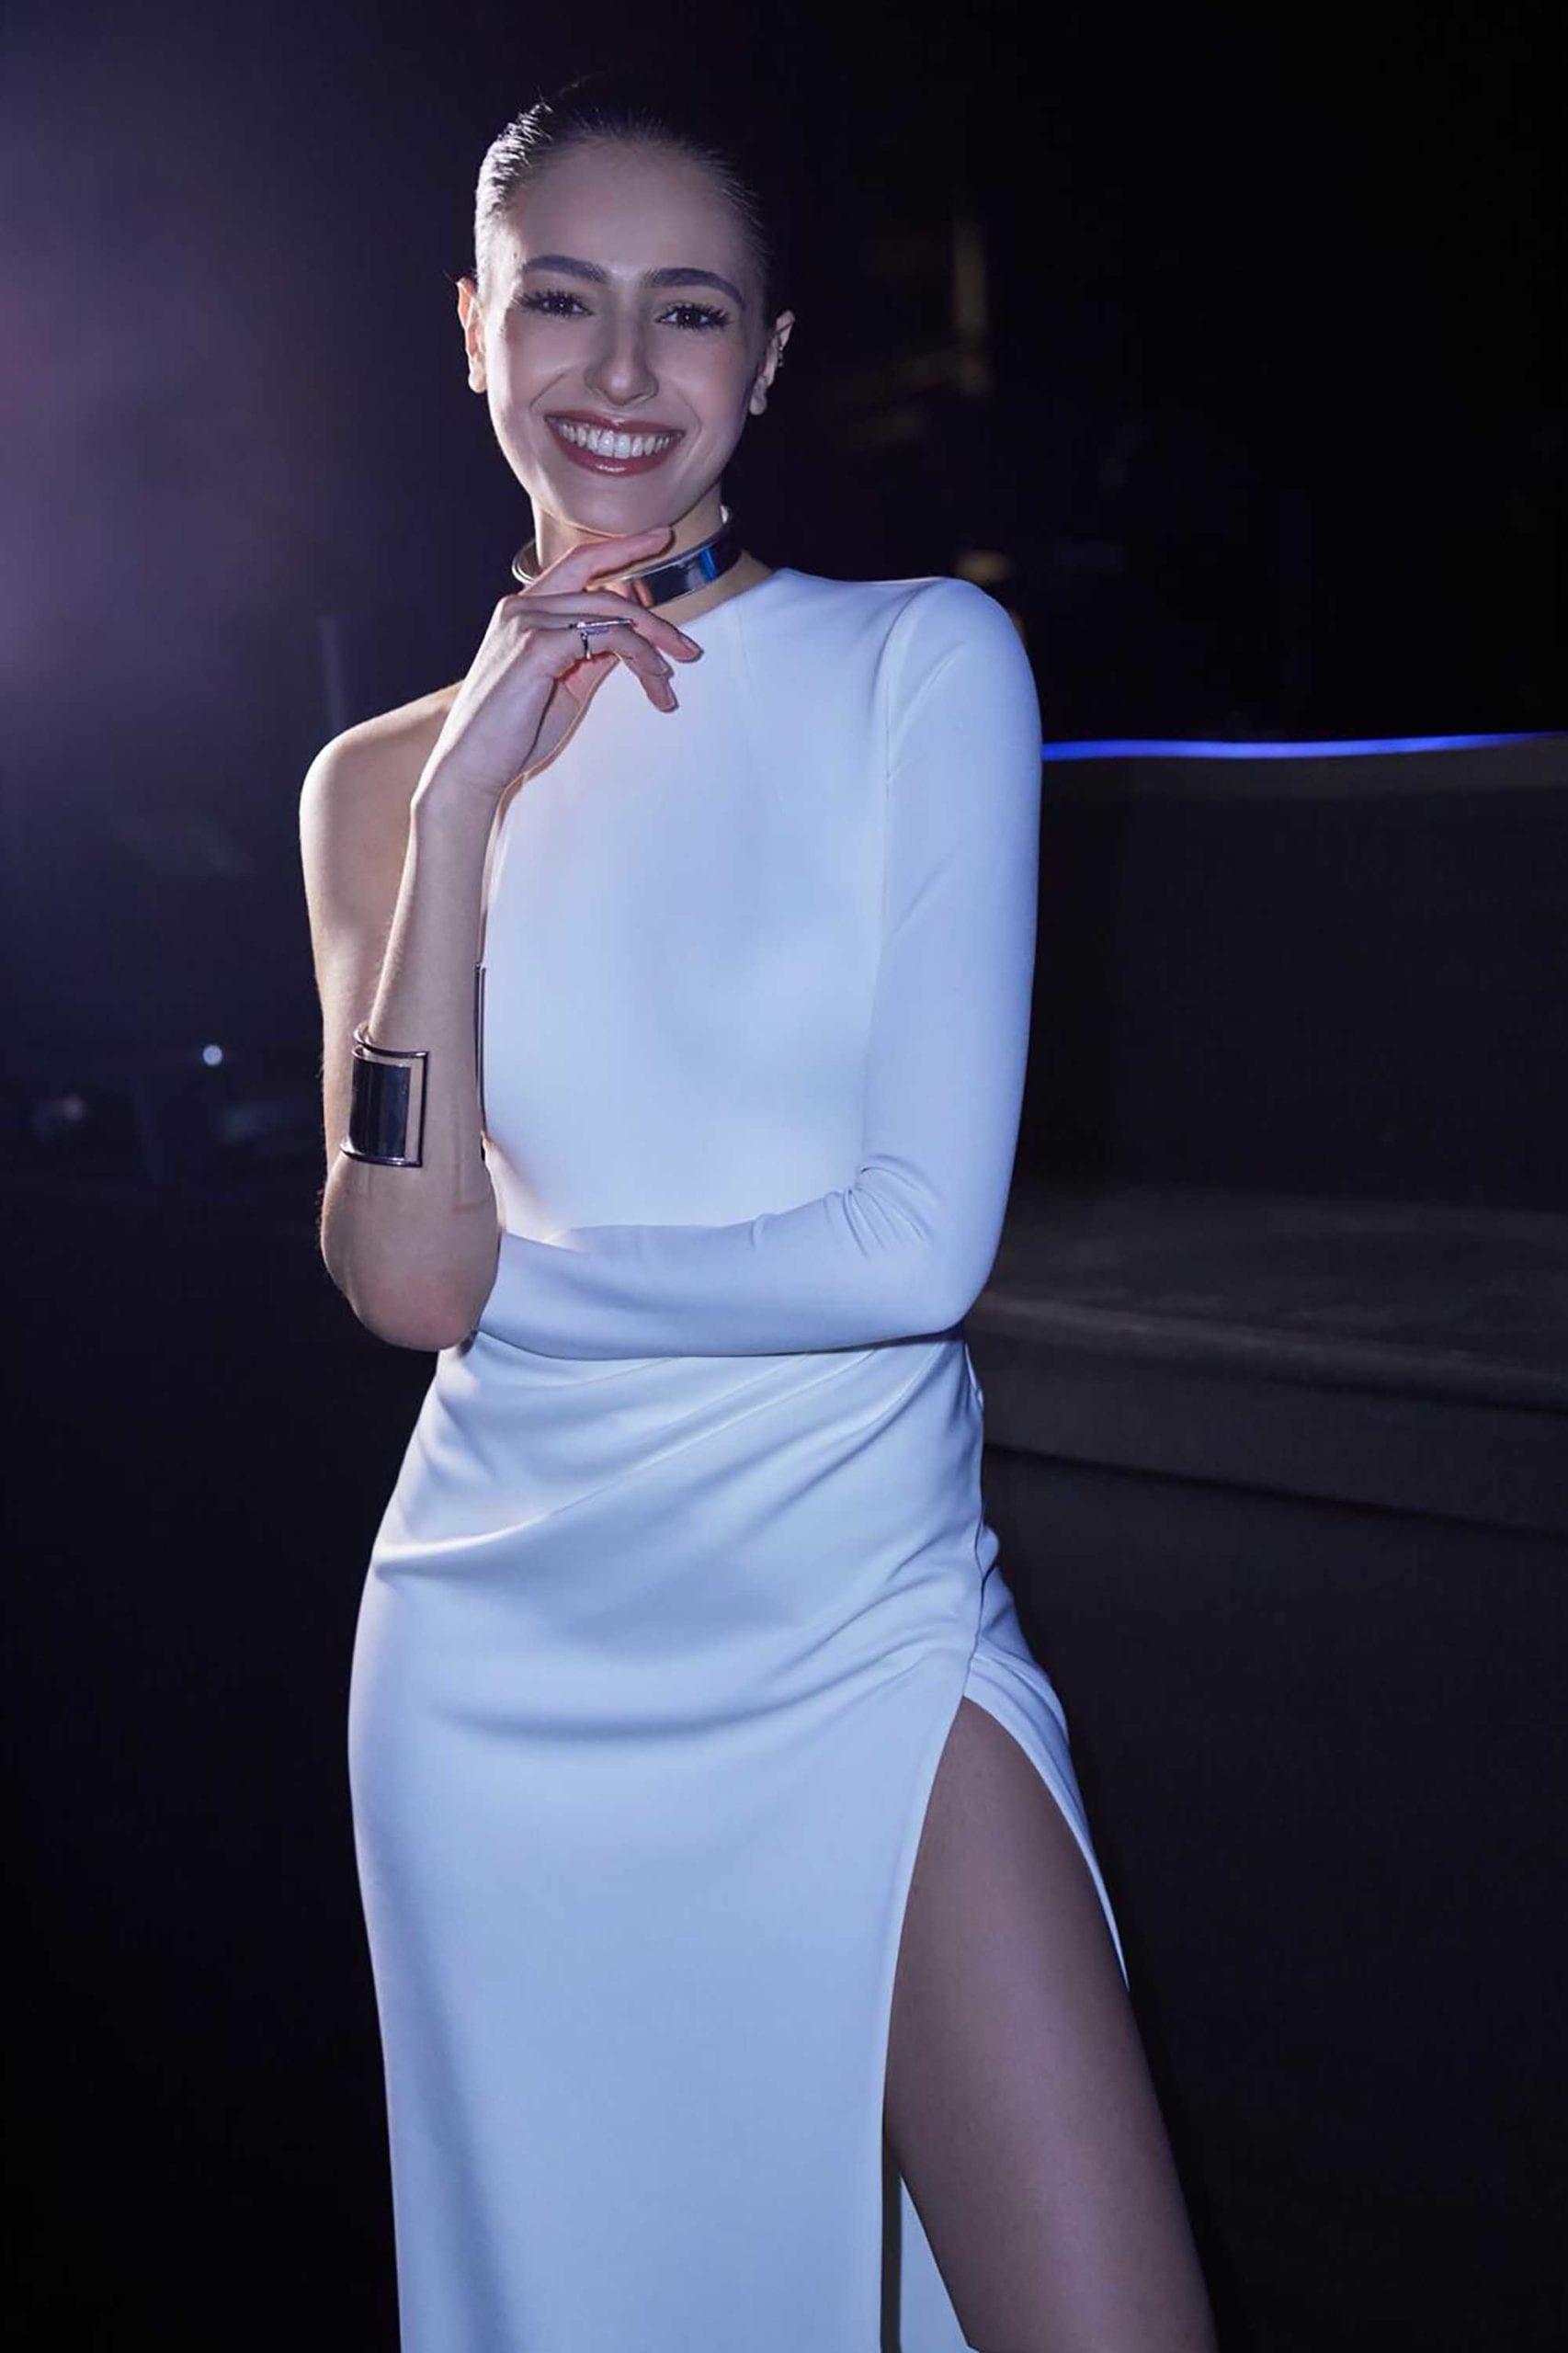 לוסי איוב לובשת אלון ליבנה בחצי גמר צילום נדב קליין, מגזין אופנה